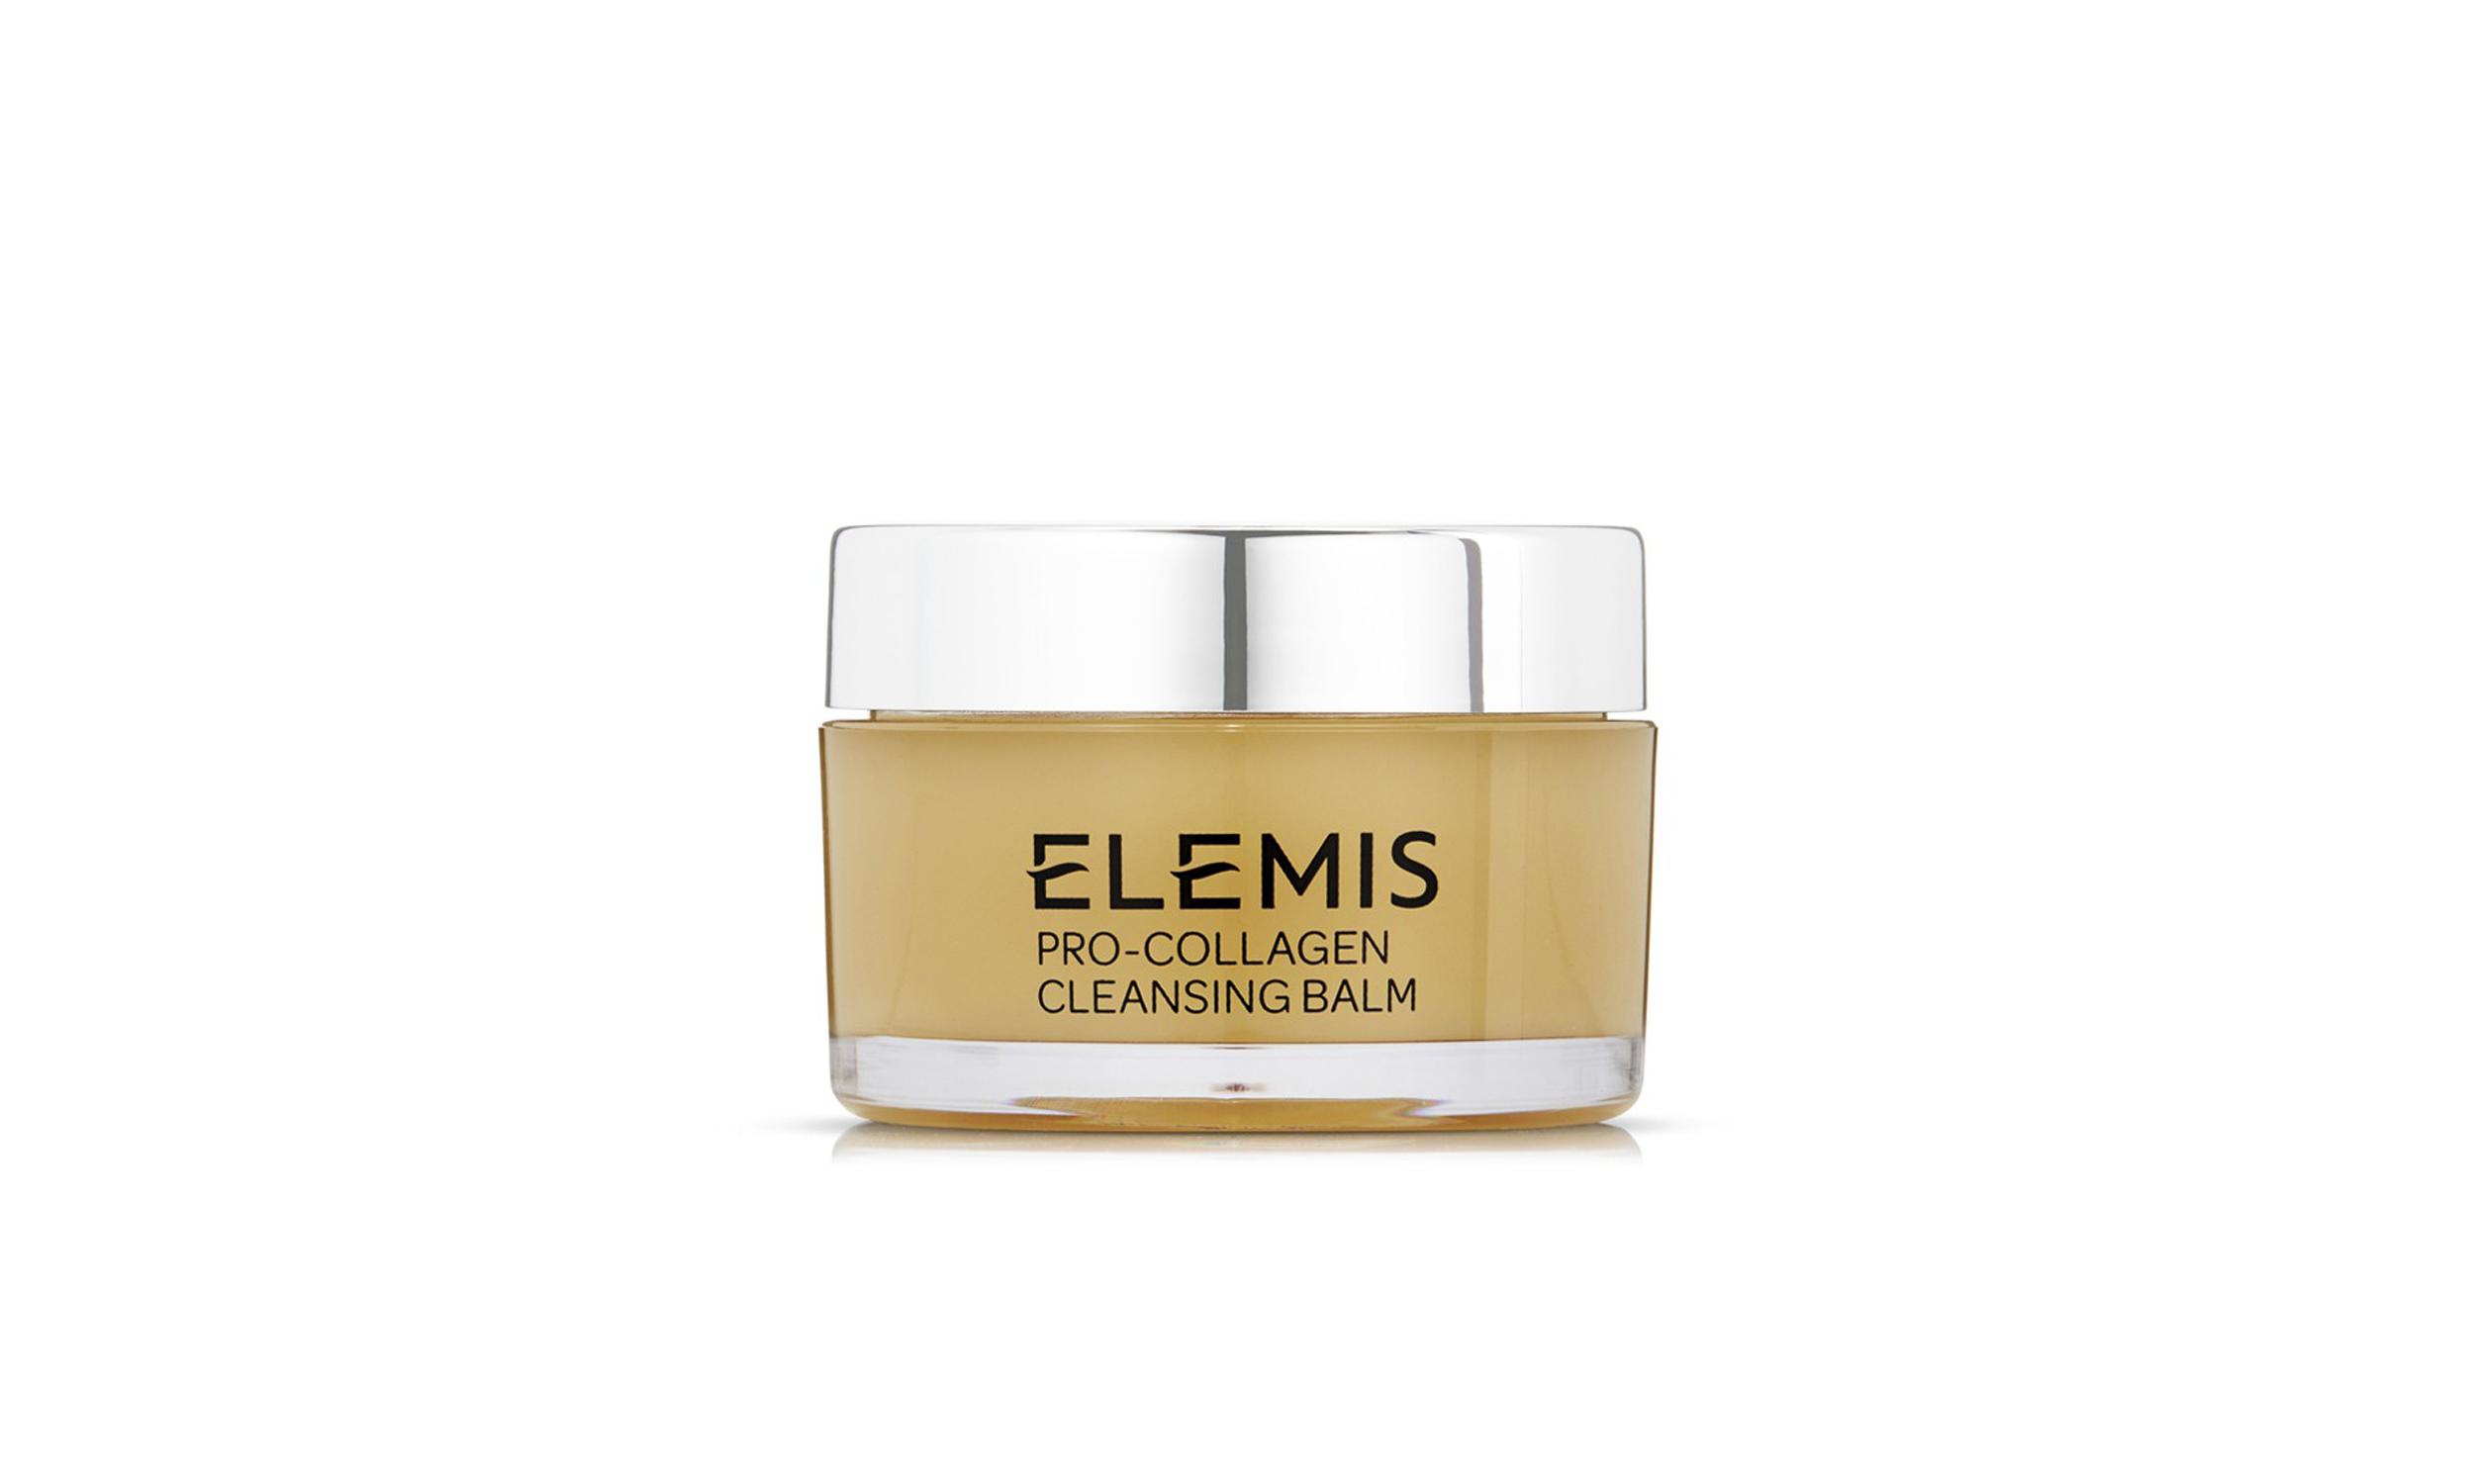 ELEMIS PRO-COLLAGEN CLEANSING BALM, ELEMIS.COM.UA, $66